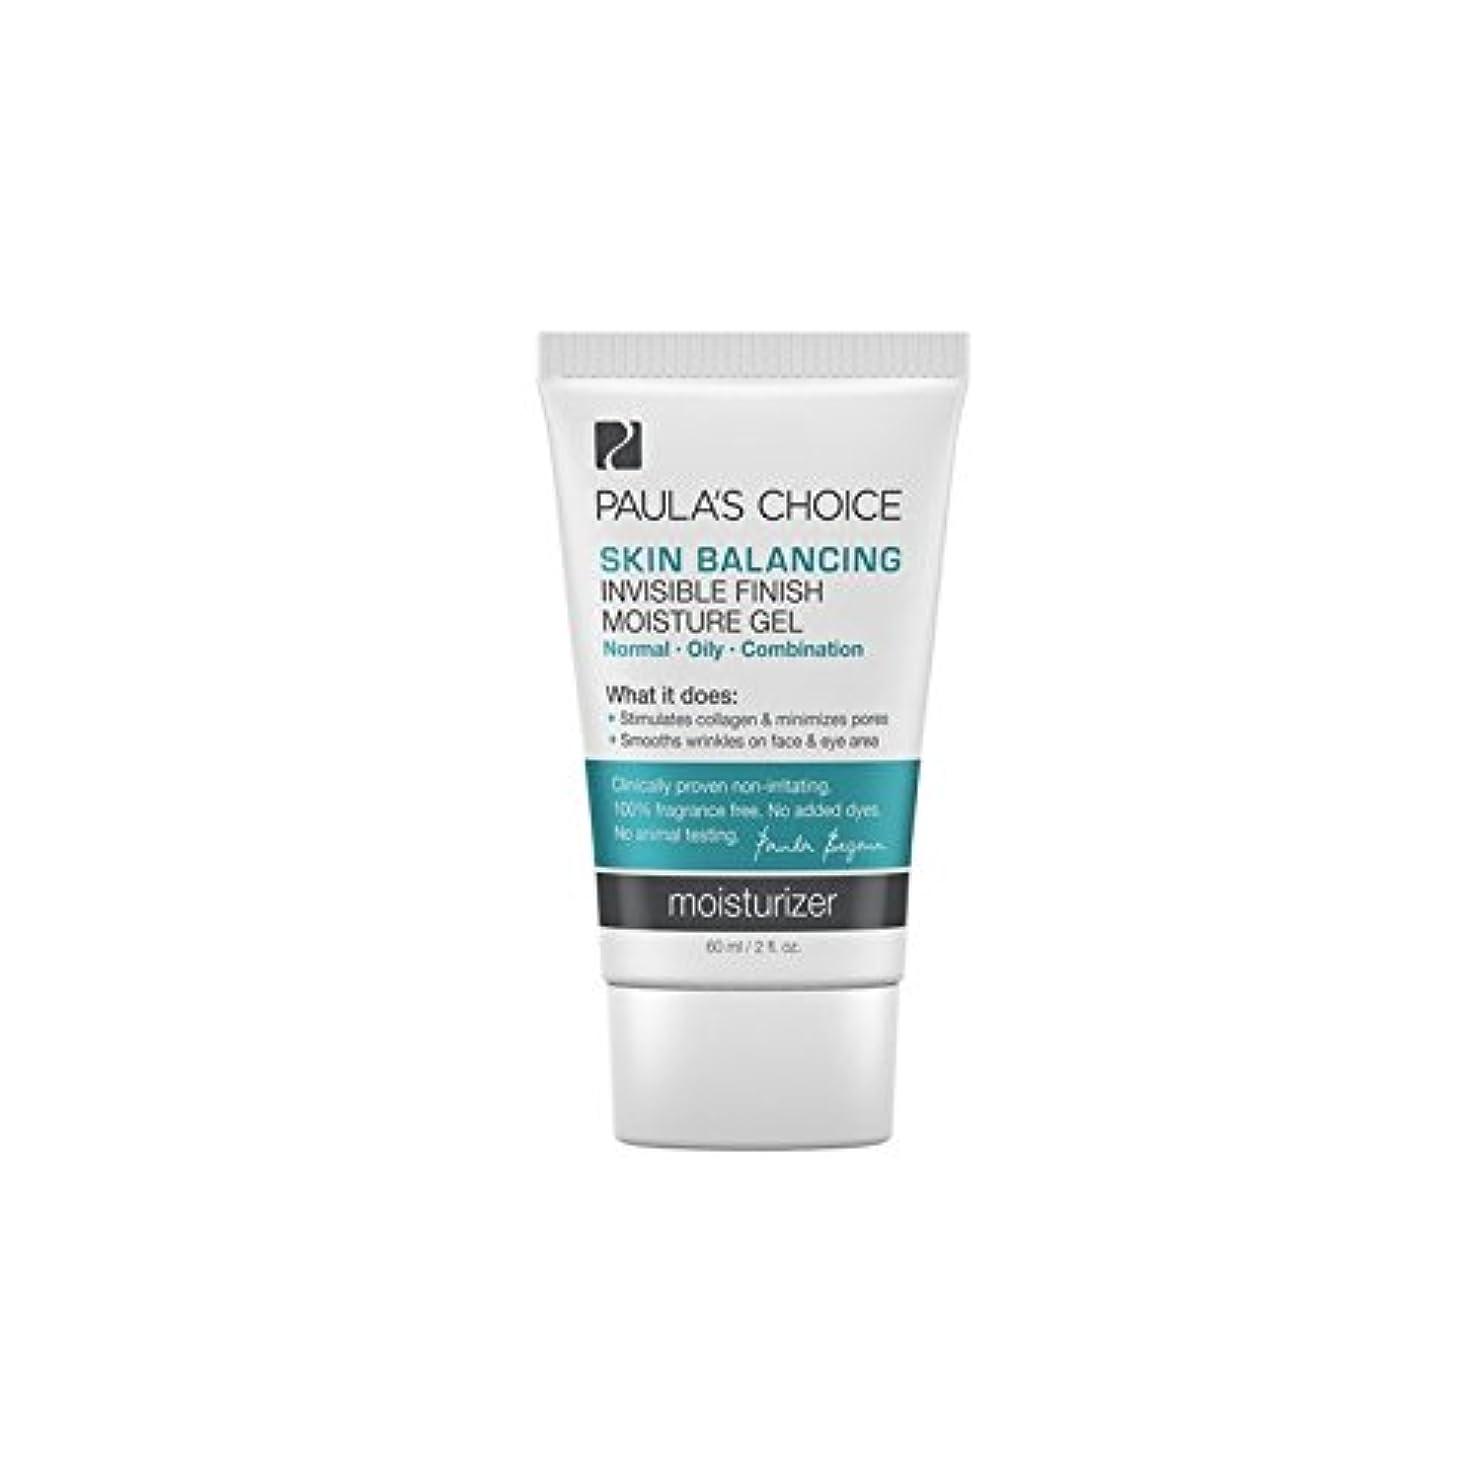 モート市区町村複数Paula's Choice Skin Balancing Invisible Finish Moisture Gel (60ml) (Pack of 6) - ポーラチョイスの肌のバランス目に見えない仕上がり水分ゲル(...